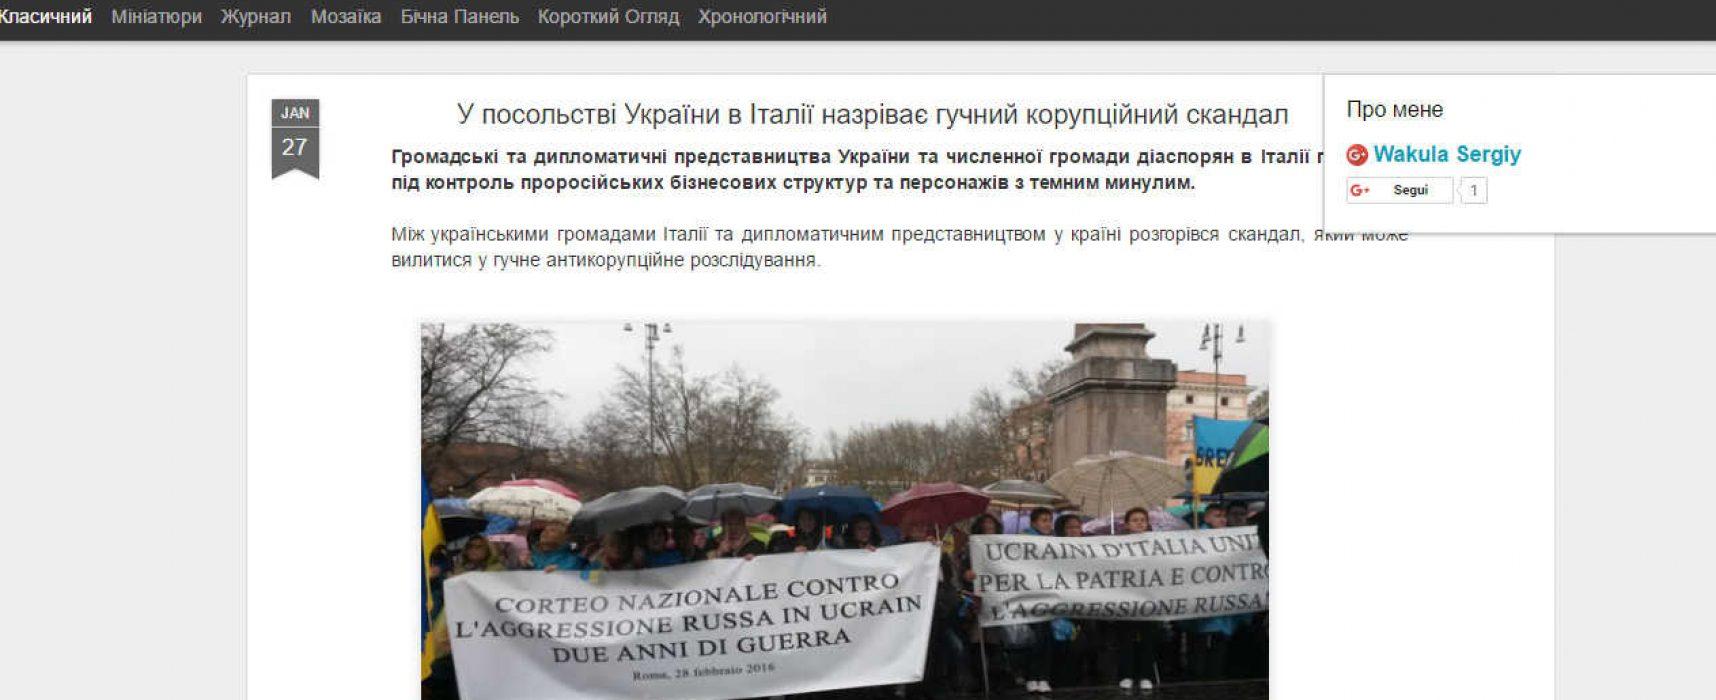 Fake : Ambasciata Ucraina in Italia collusa con la FSB